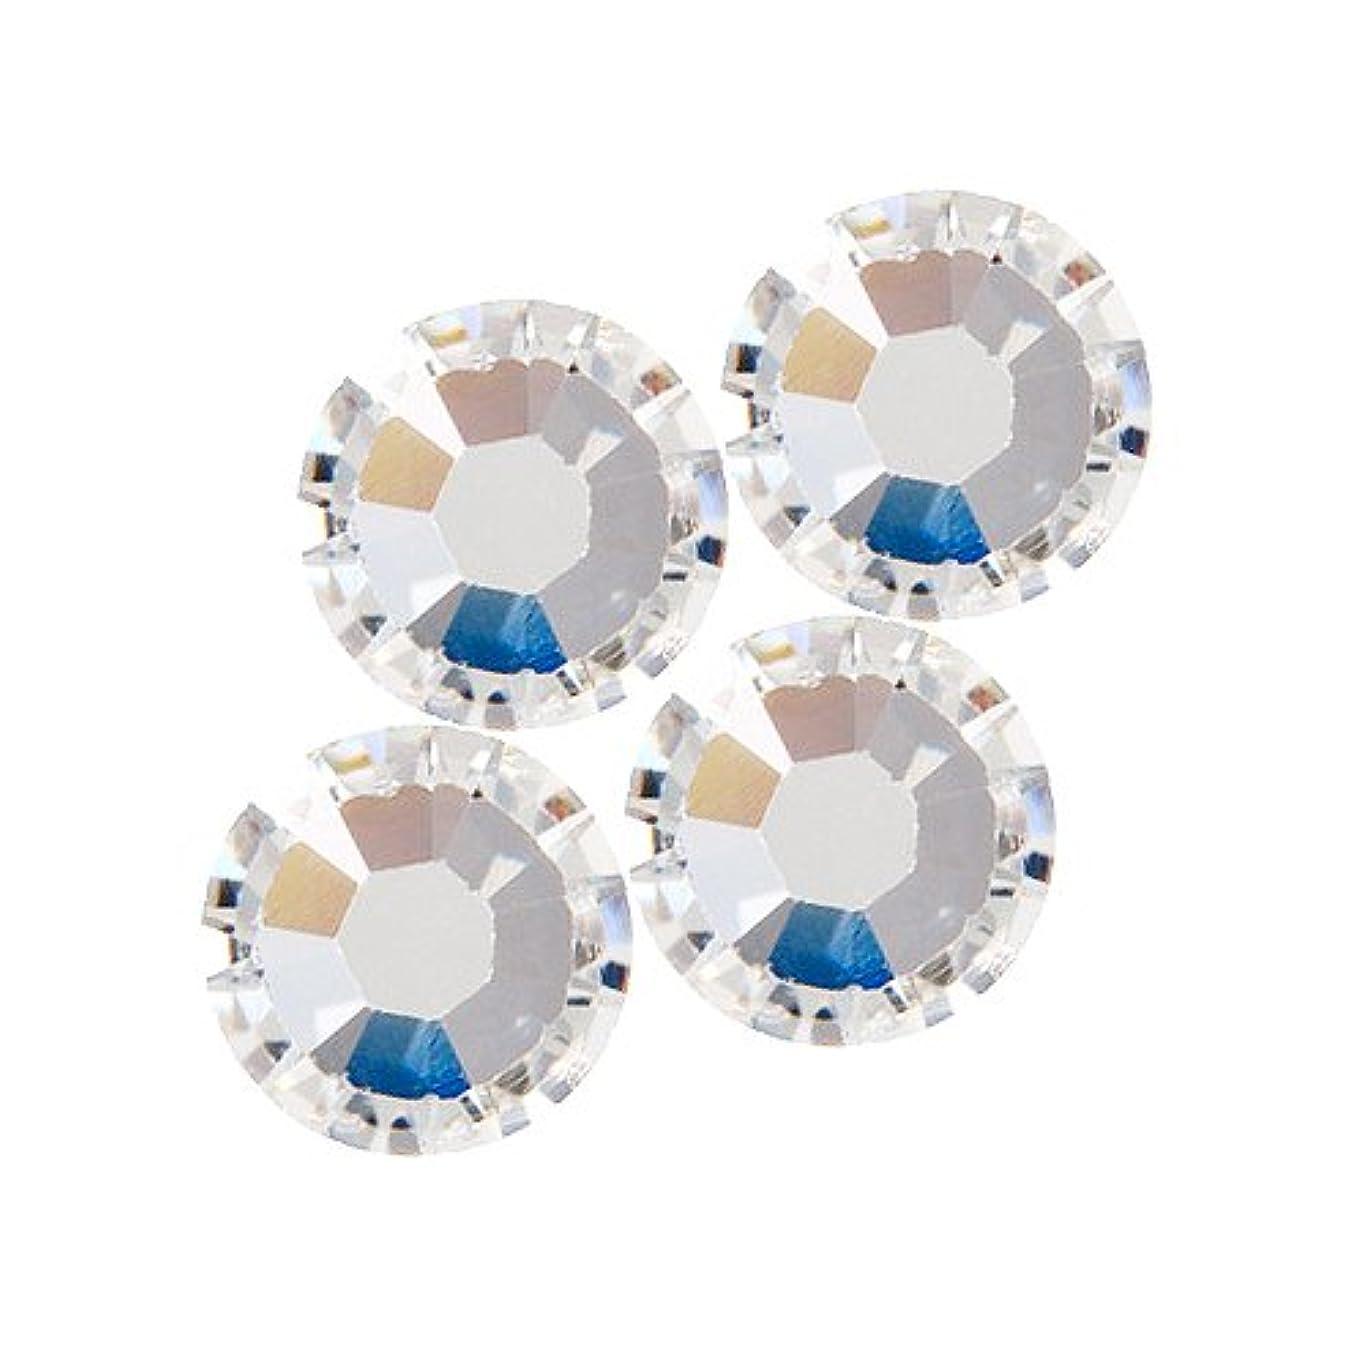 ブロンズ共和国デクリメントバイナル DIAMOND RHINESTONE  クリスタル SS5 1440粒 ST-SS5-CRY-10G